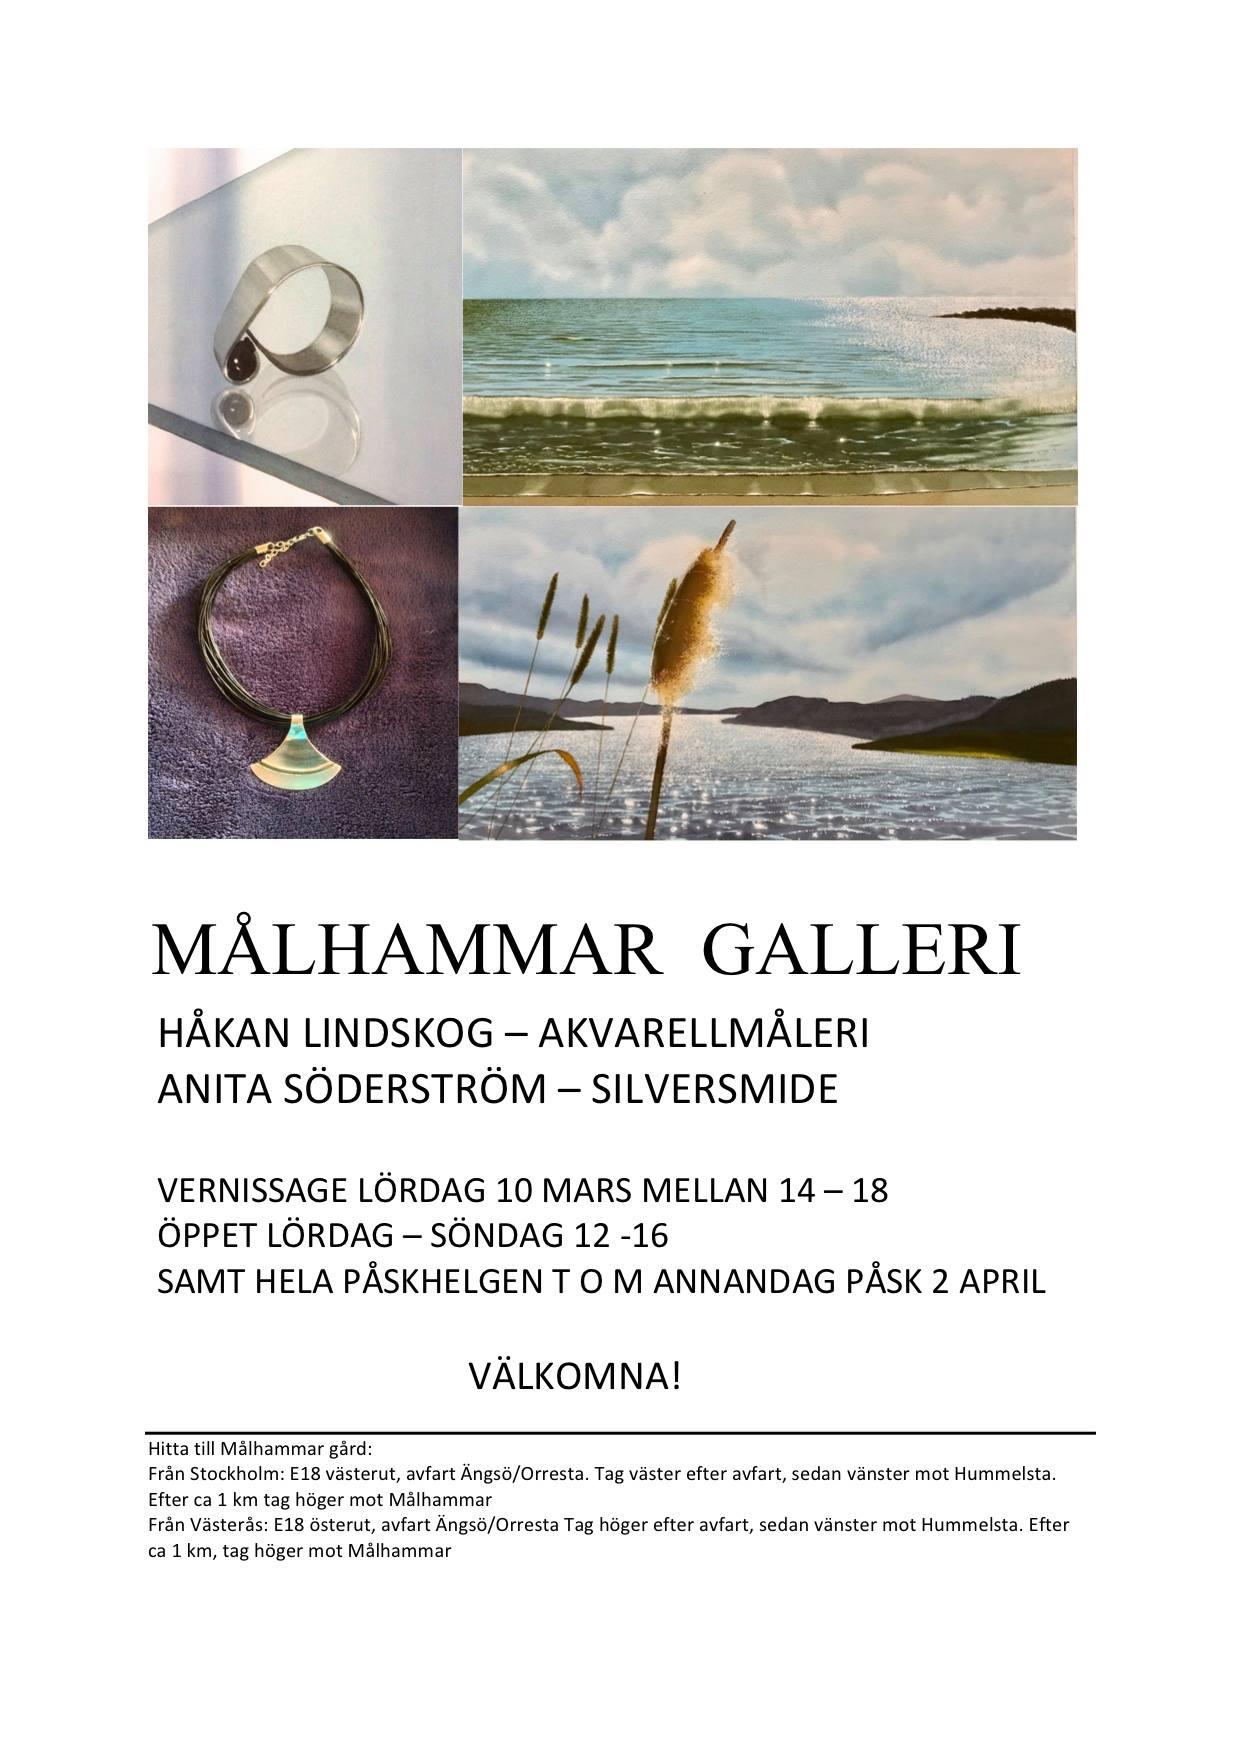 Målhammar galleri: Håkan Lindskog och Anita Söderström